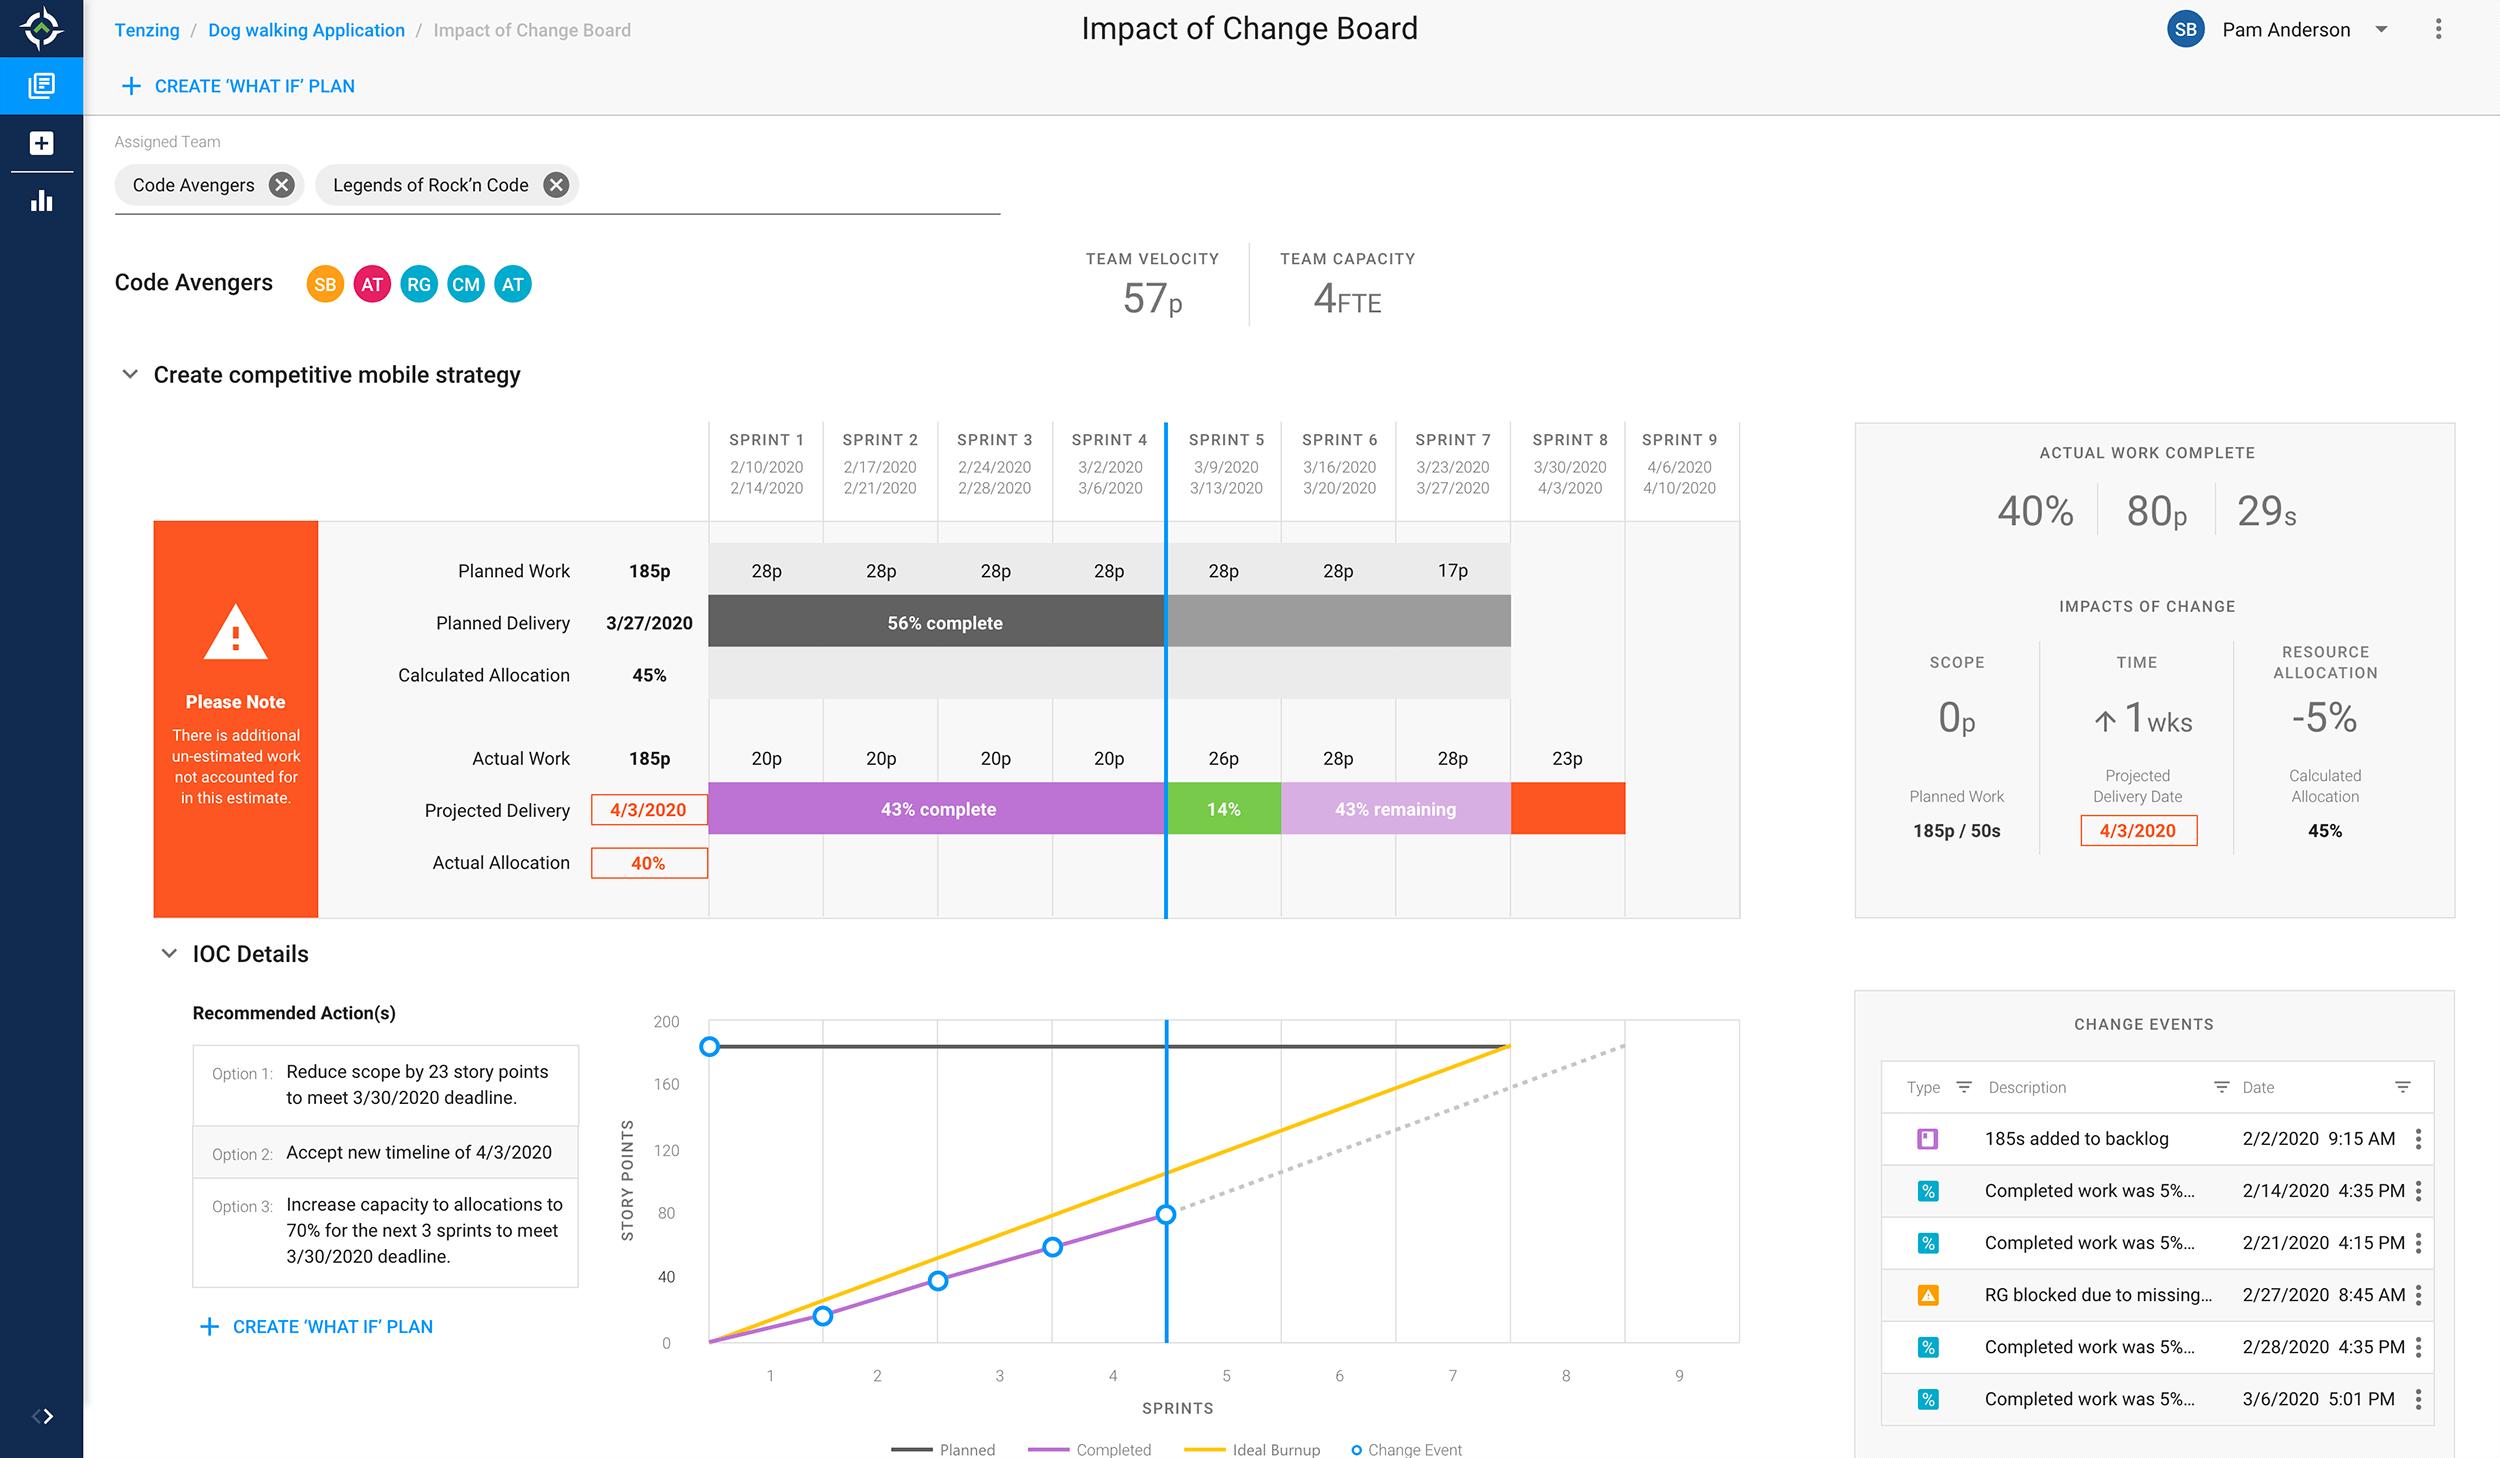 Image of Tenzing's Impact of Change screen.